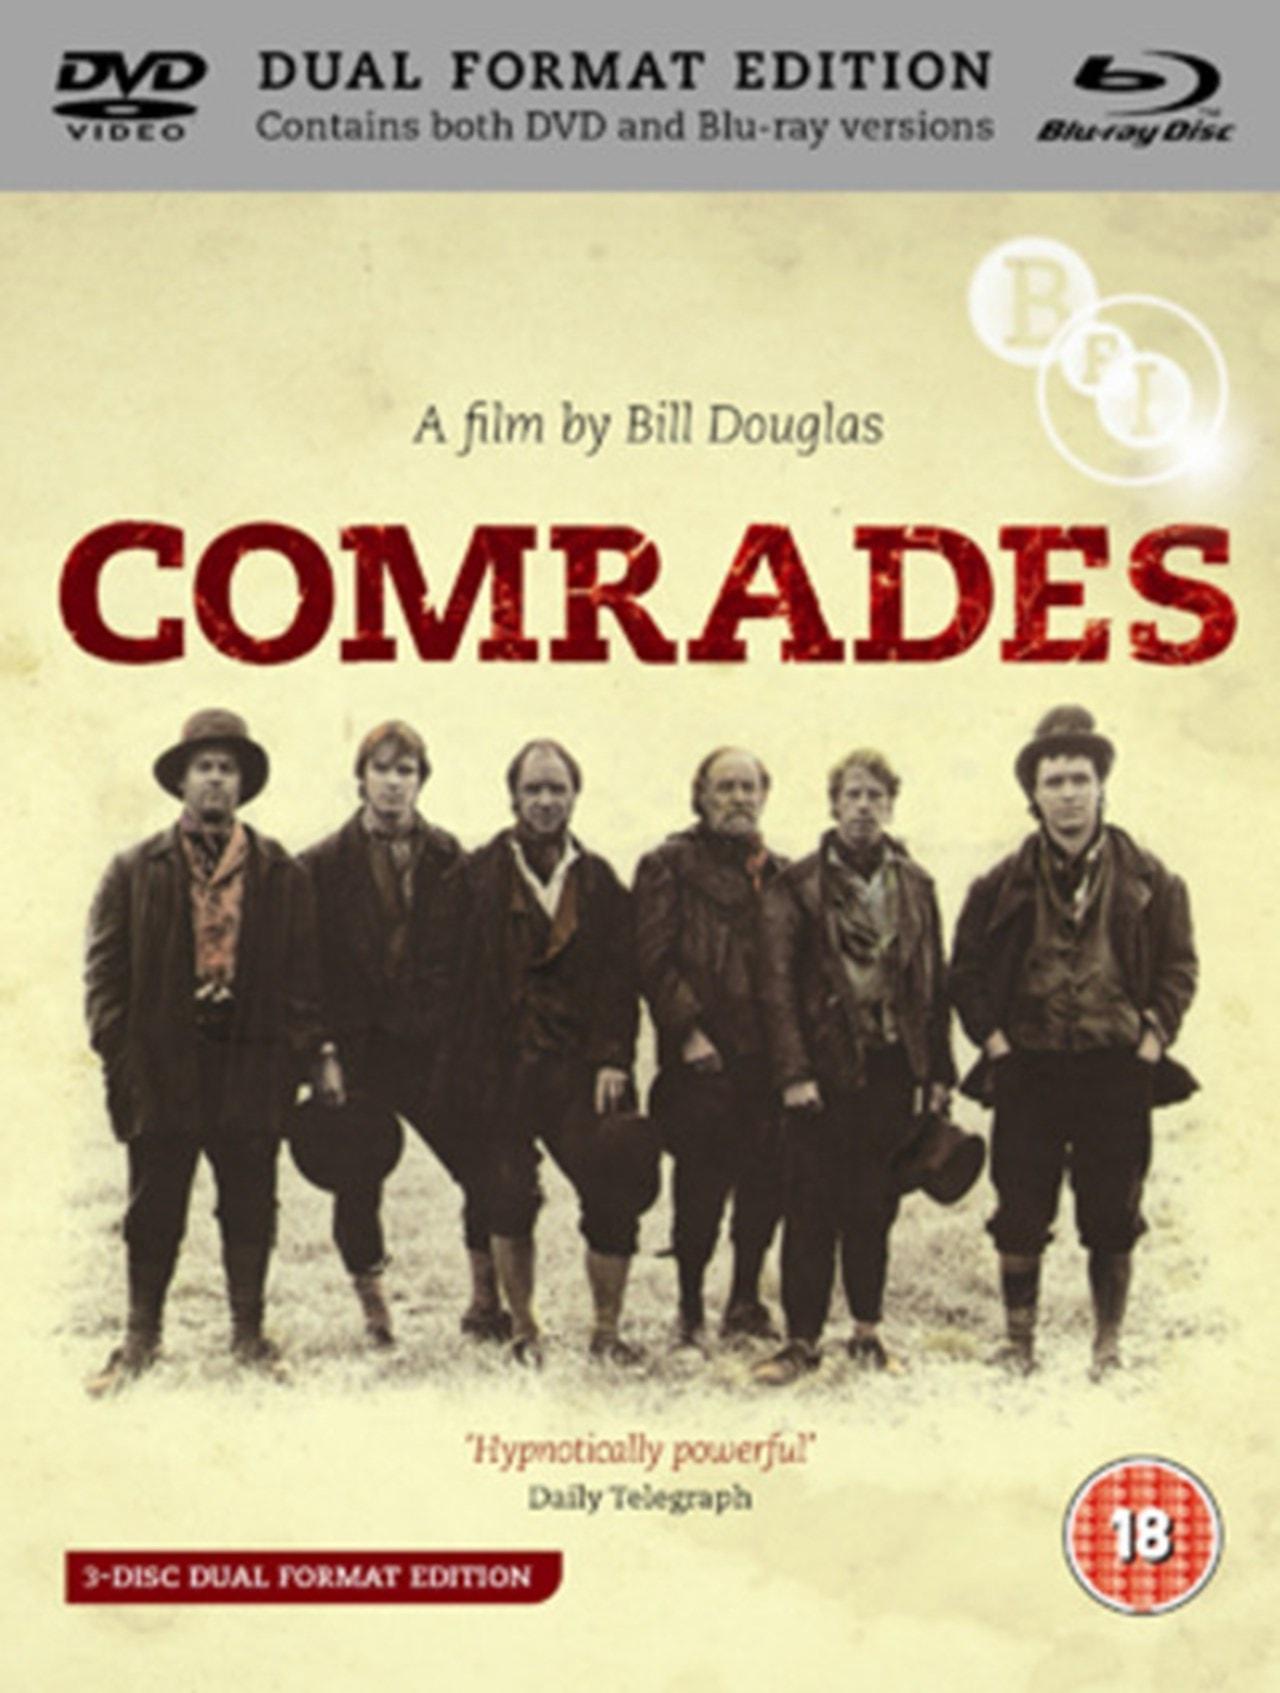 Comrades - 1